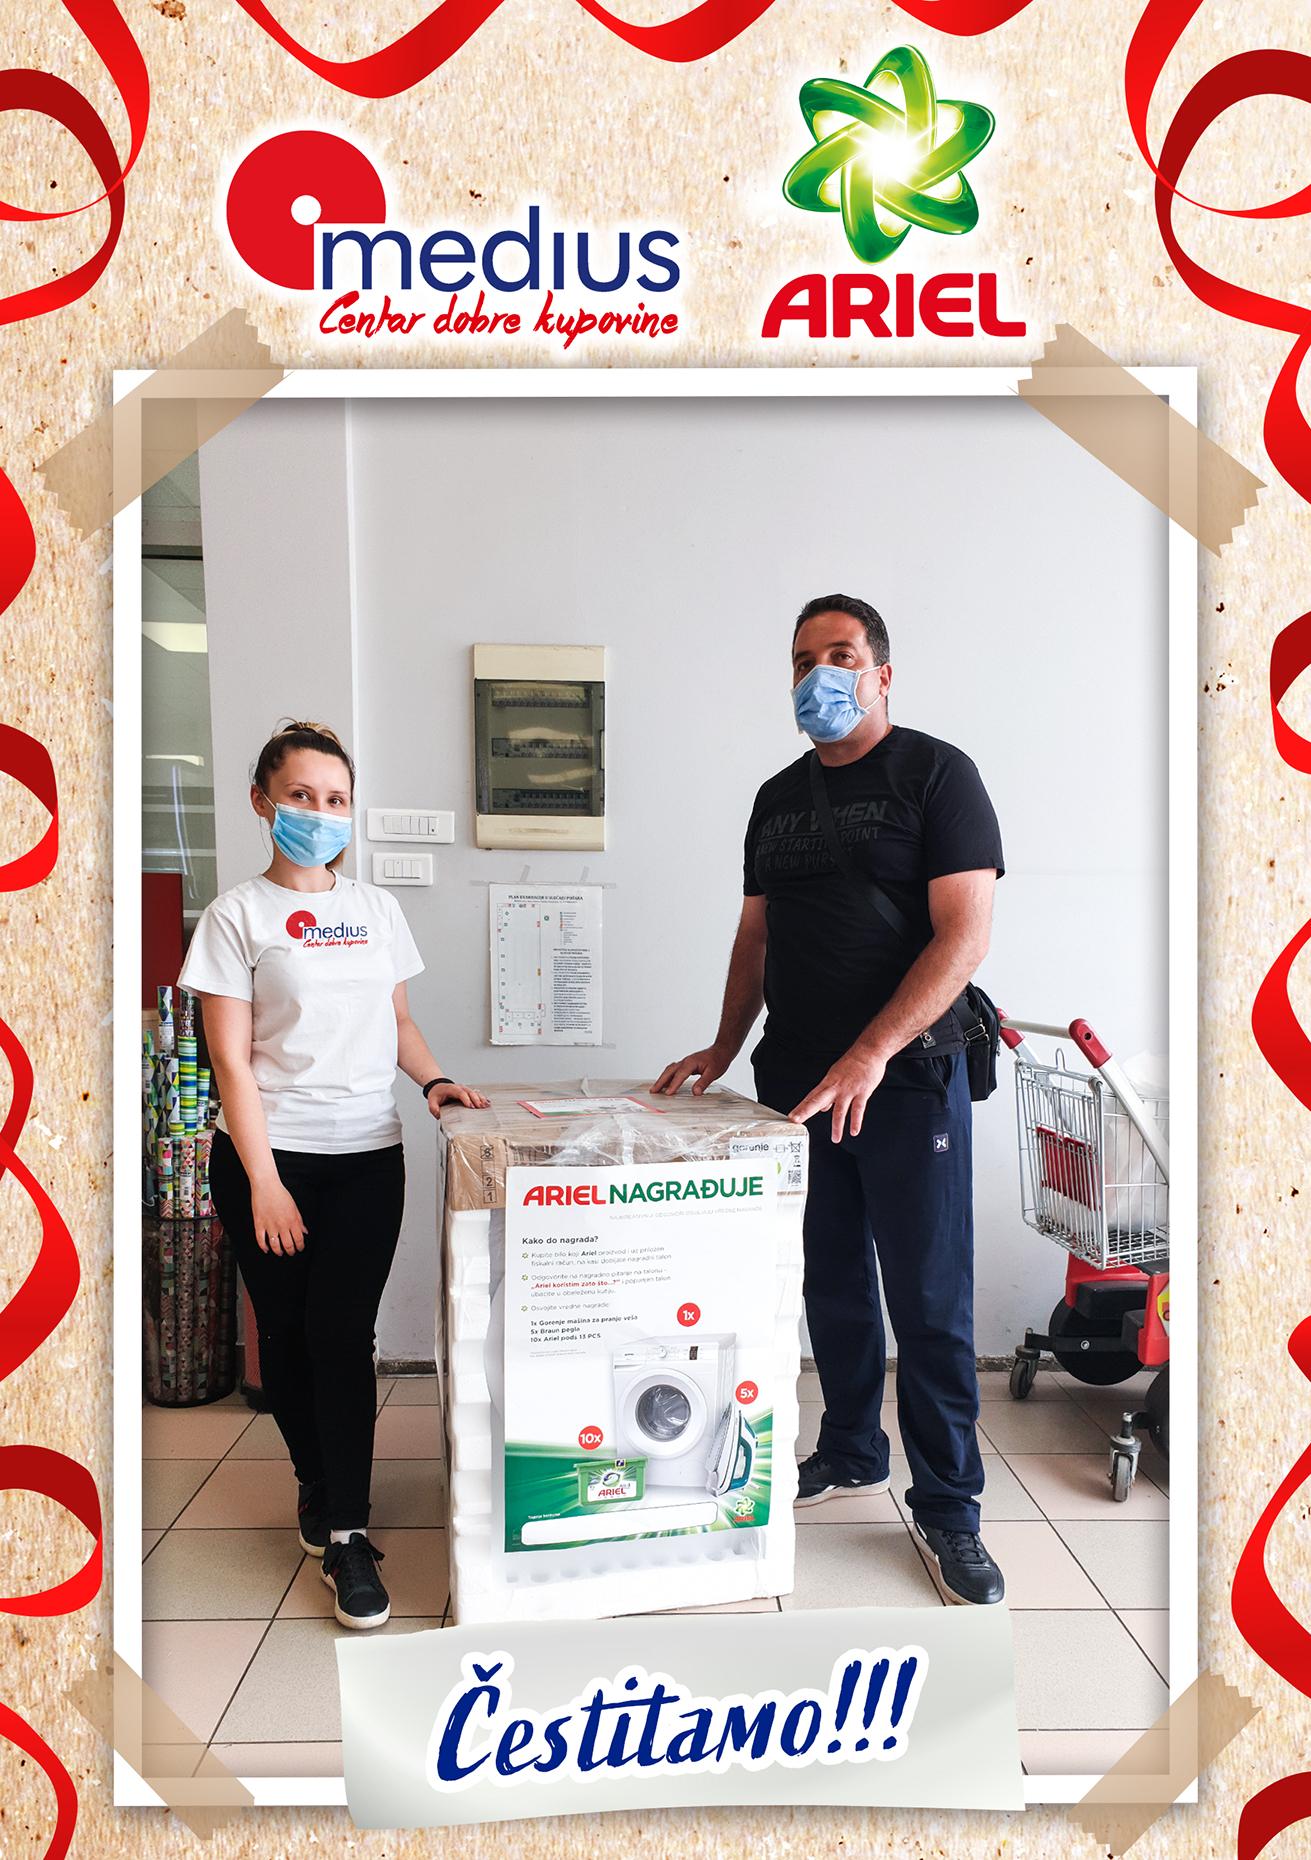 Ariel nagradni konkurs - Ves masina